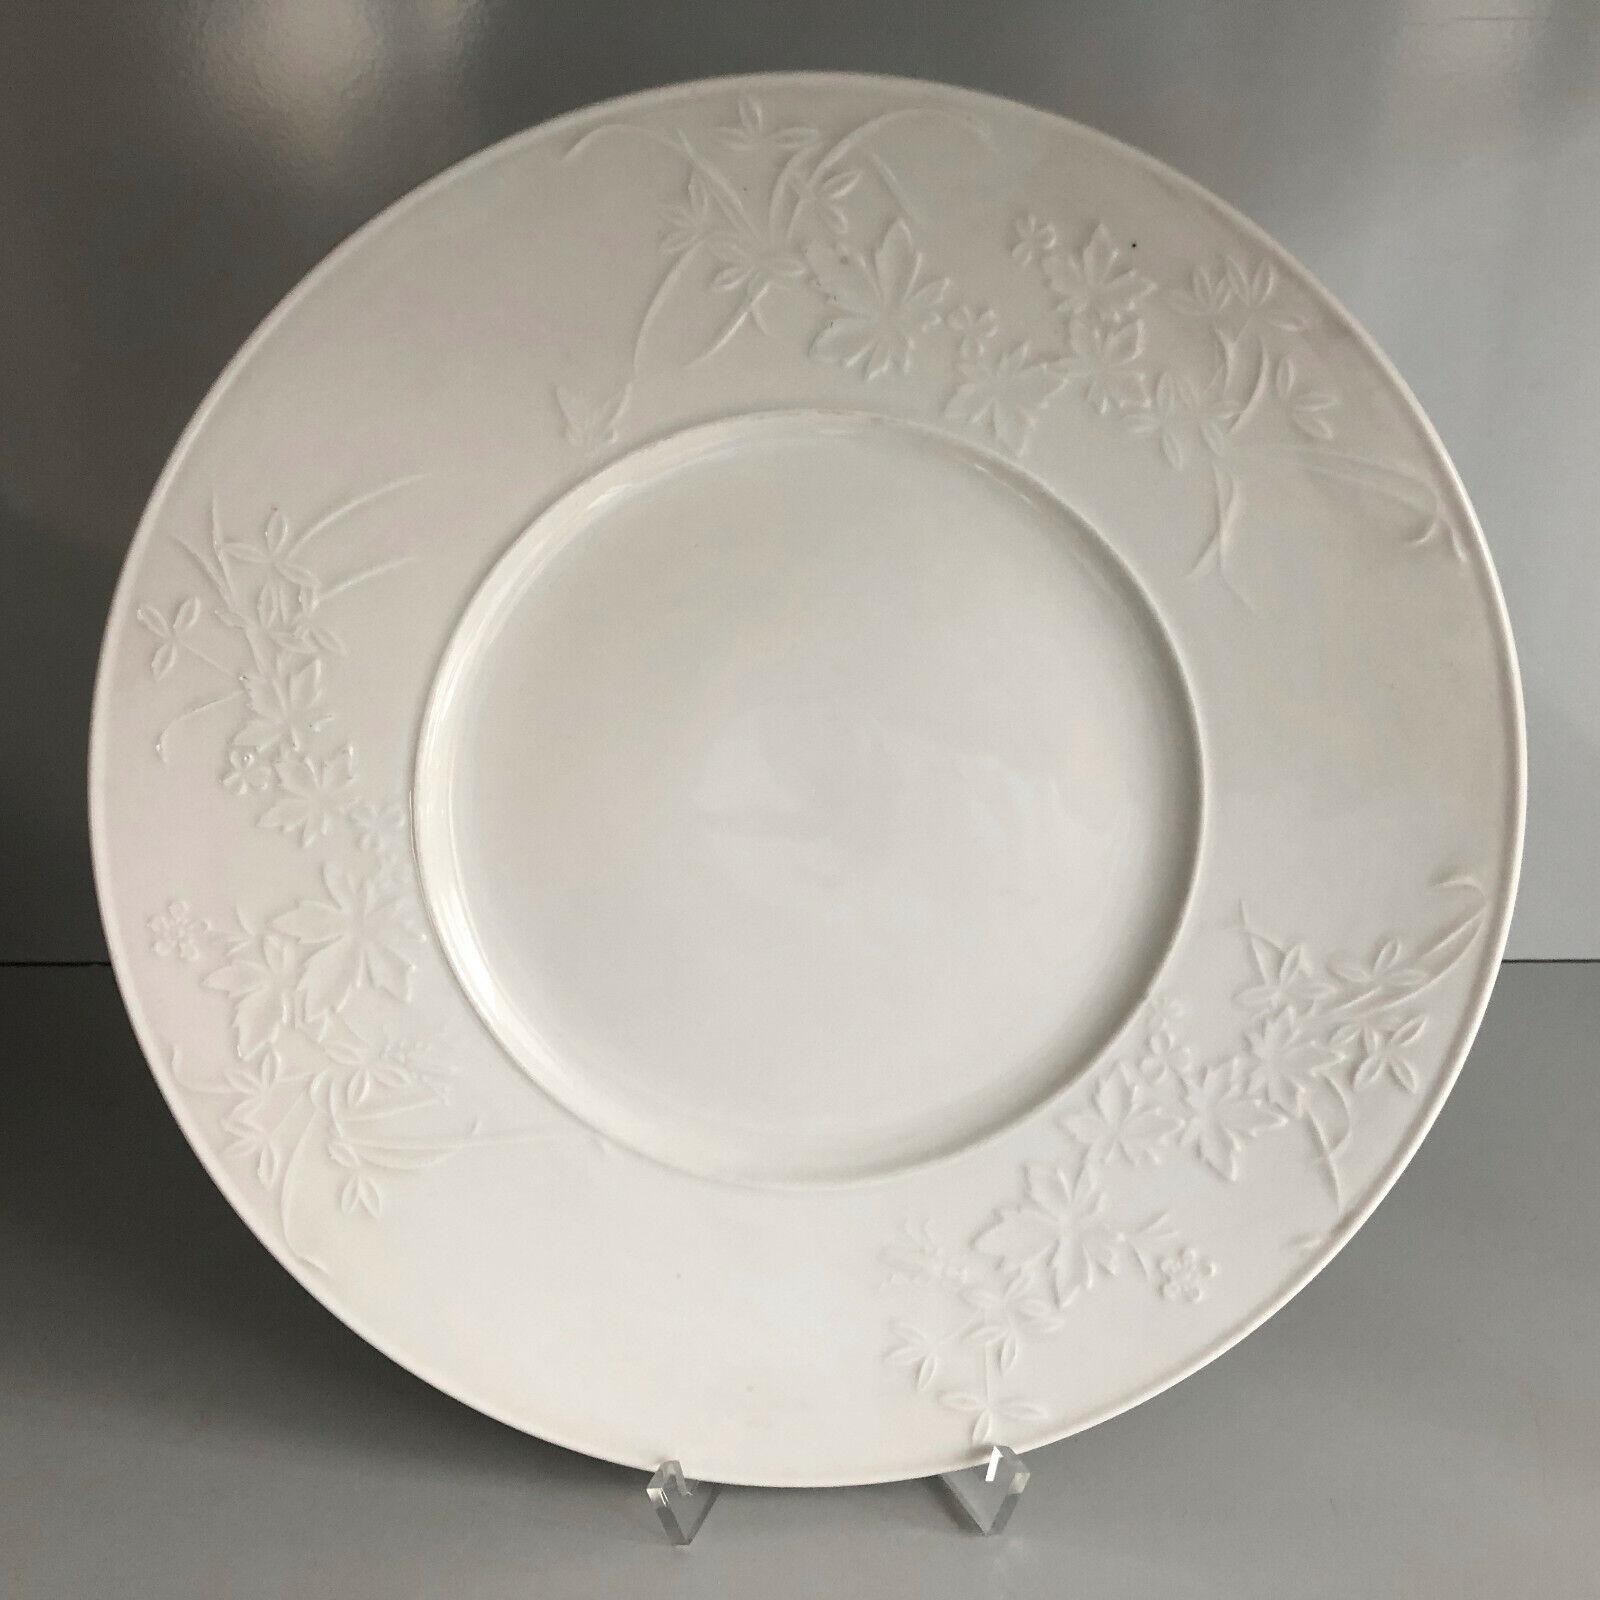 KPM Berlin feldbleume Relief Sur Bord Blanc Place Assiette 29,5 cm Inutilisé plate